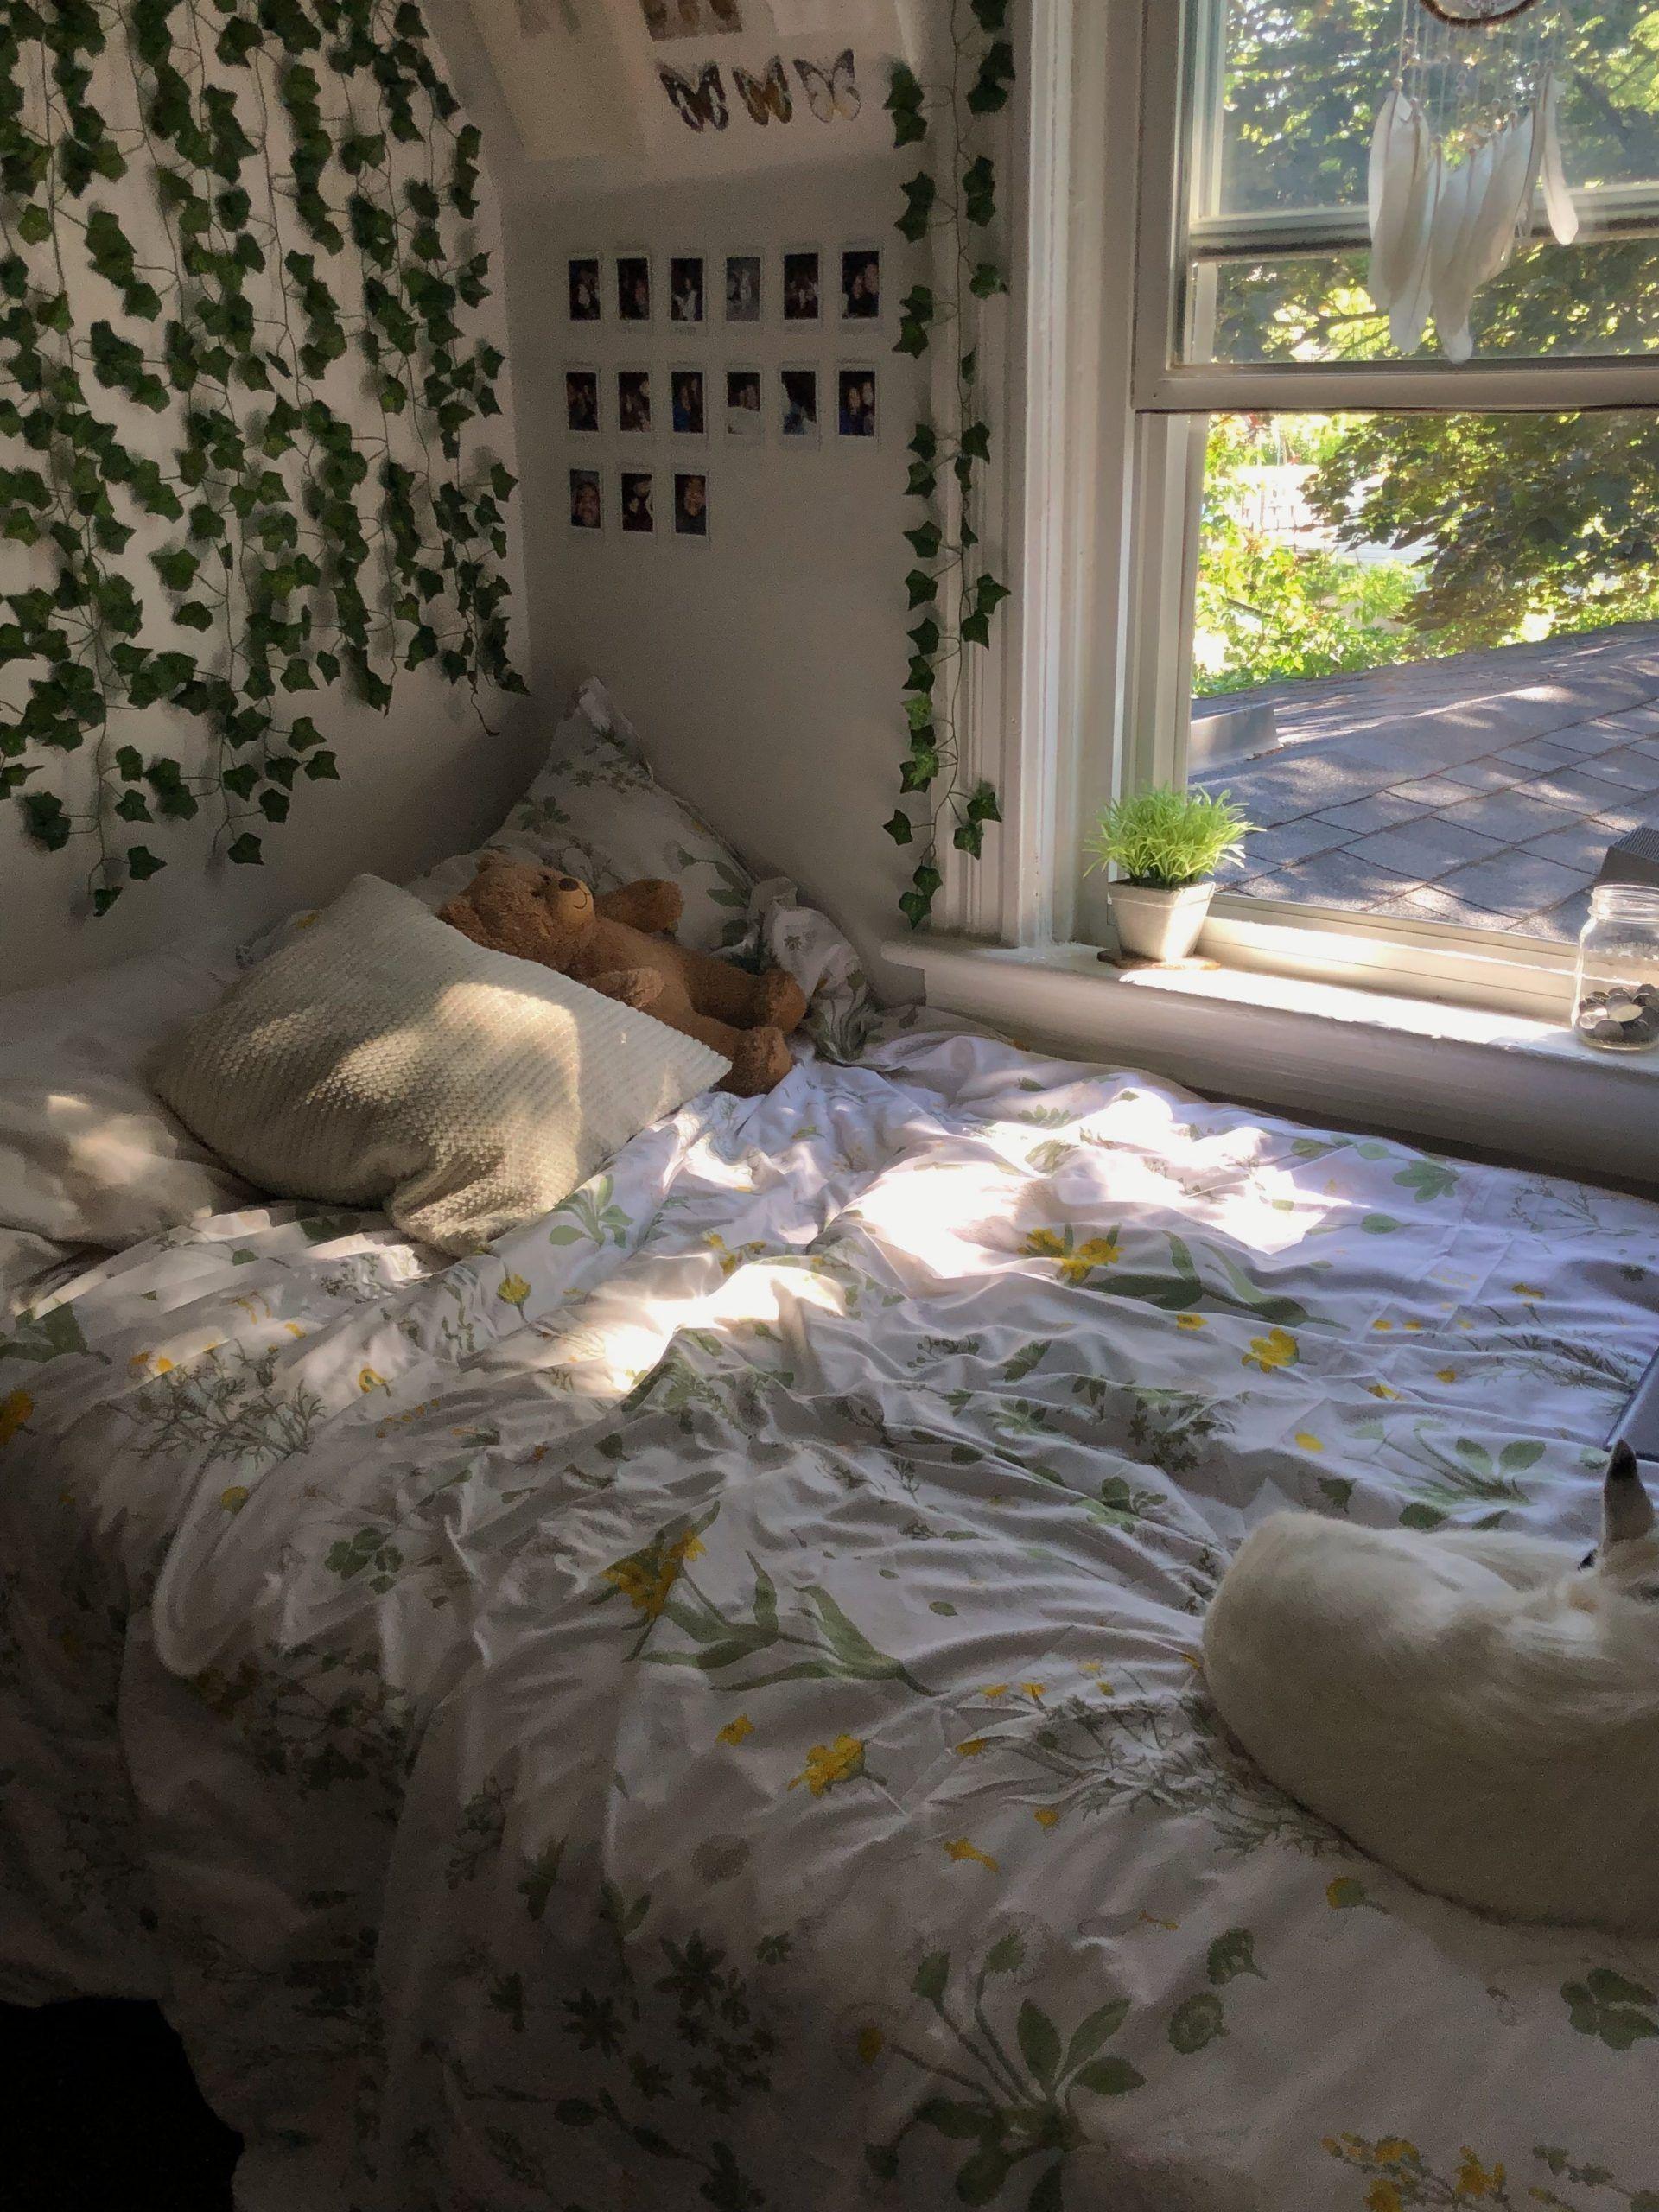 Vinez Blumenbeet ästhetische Schlafzimmer Pflanzen Reben an der Wand niedlichen Raum ...